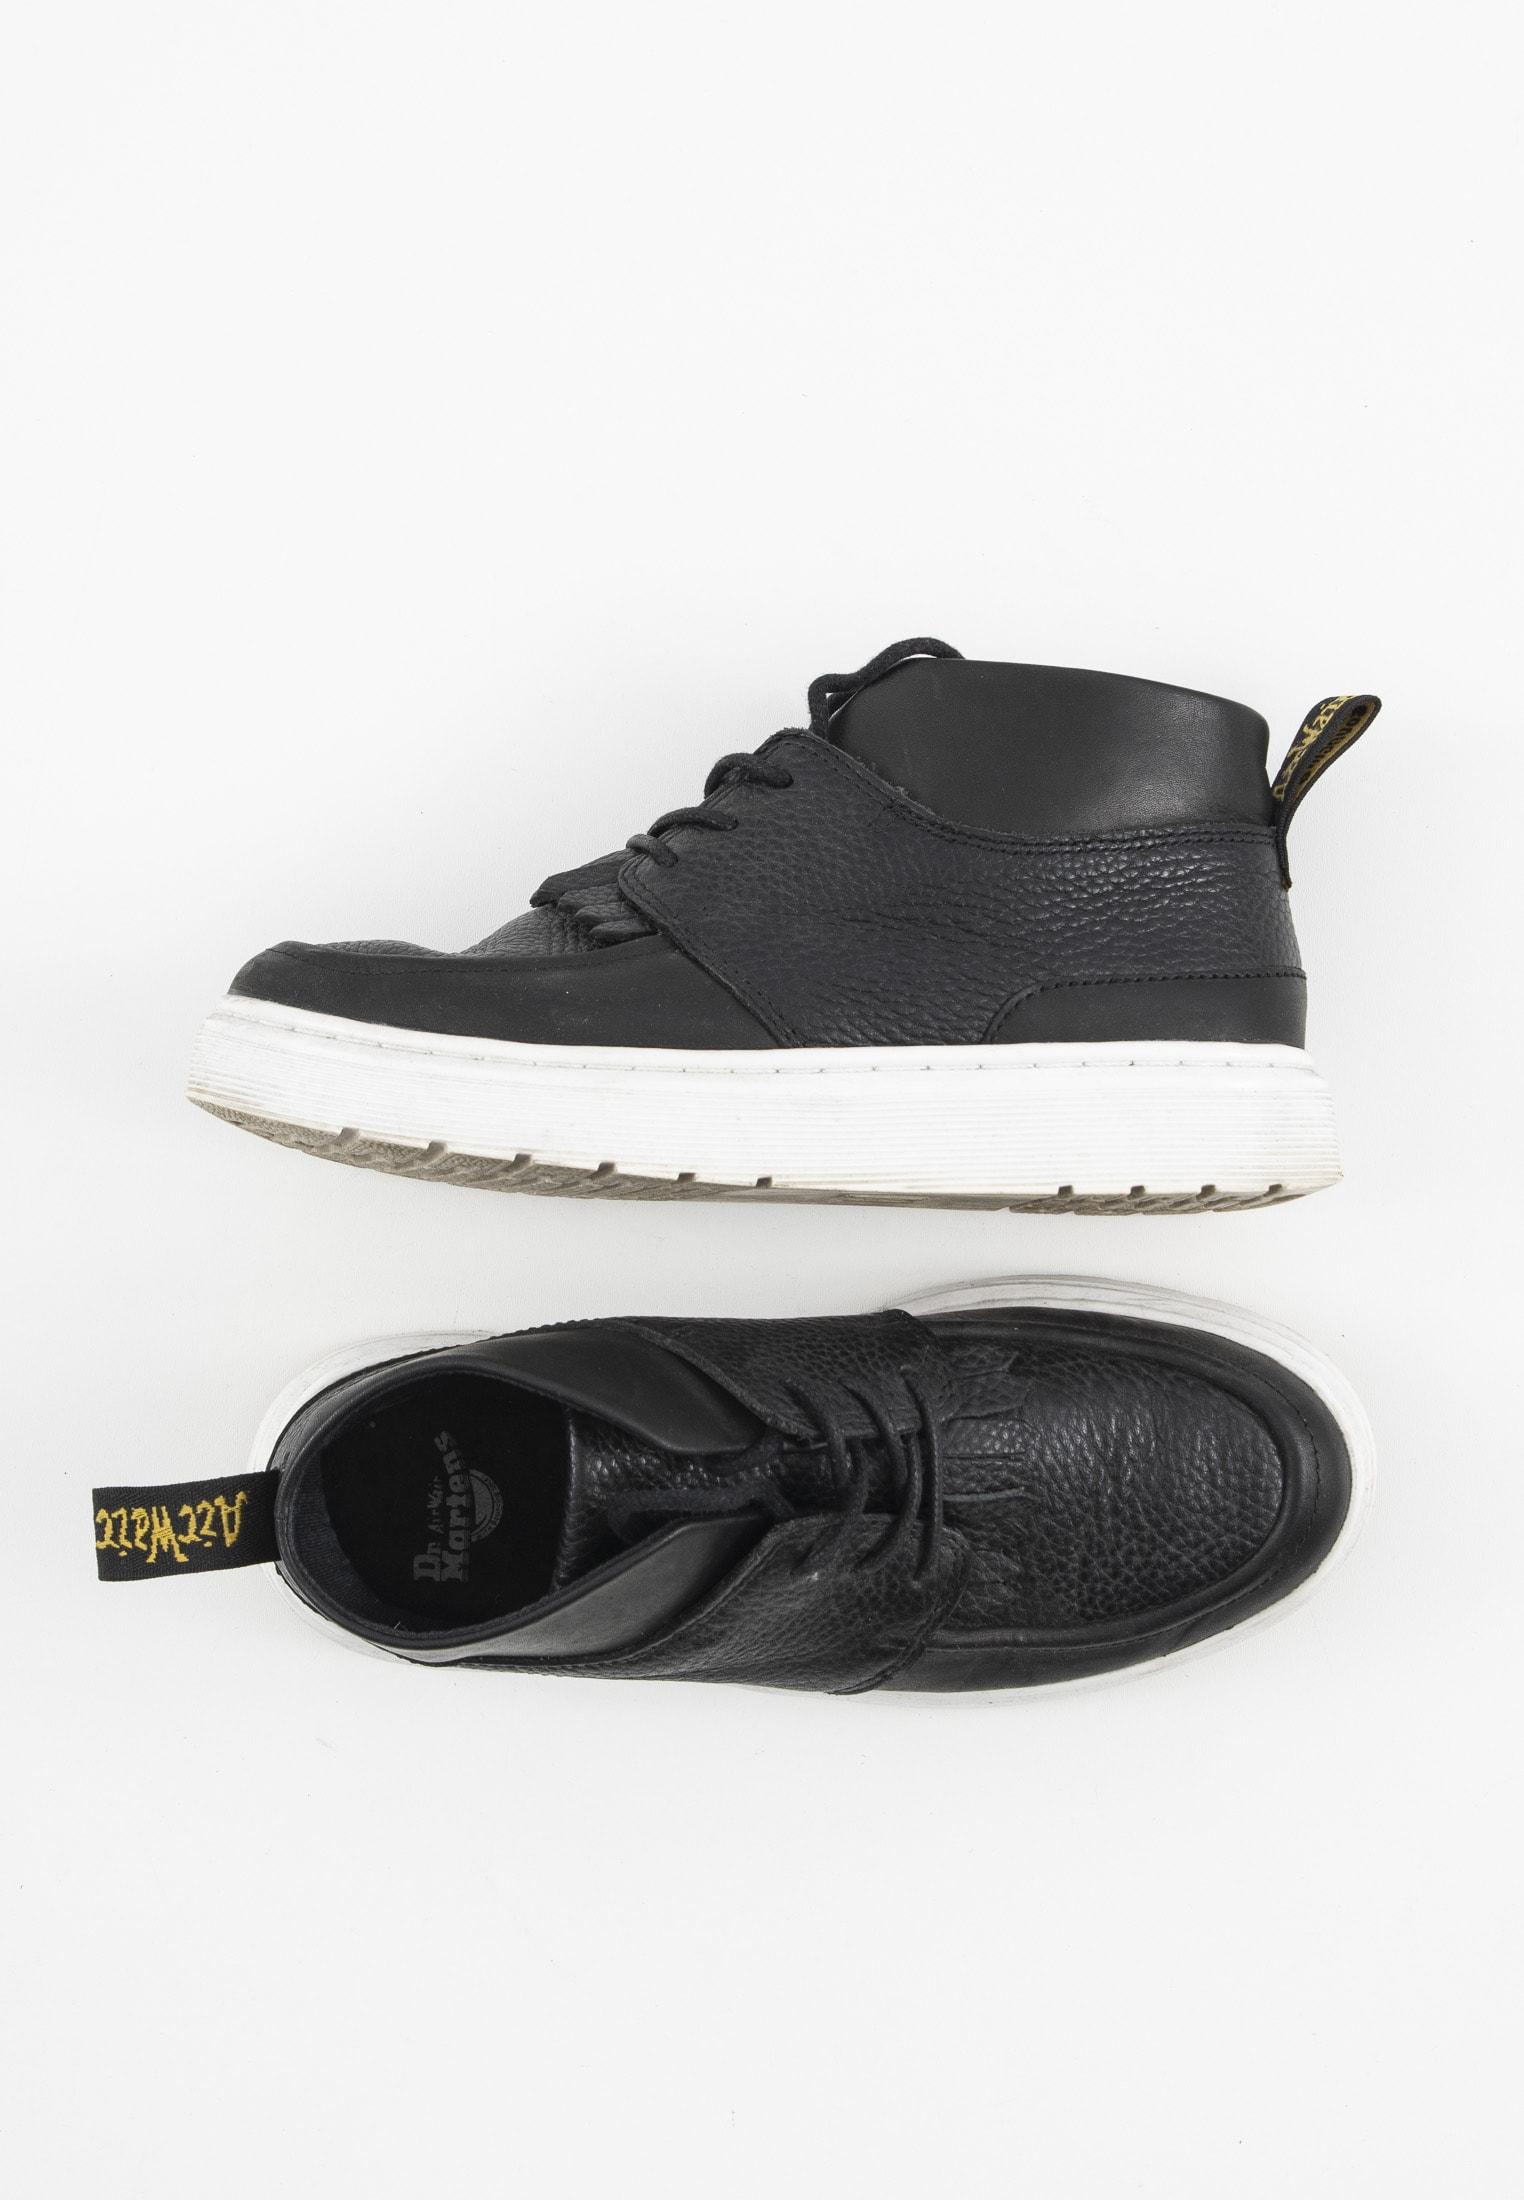 Dr. Martens Sneakers Schwarz Gr.37